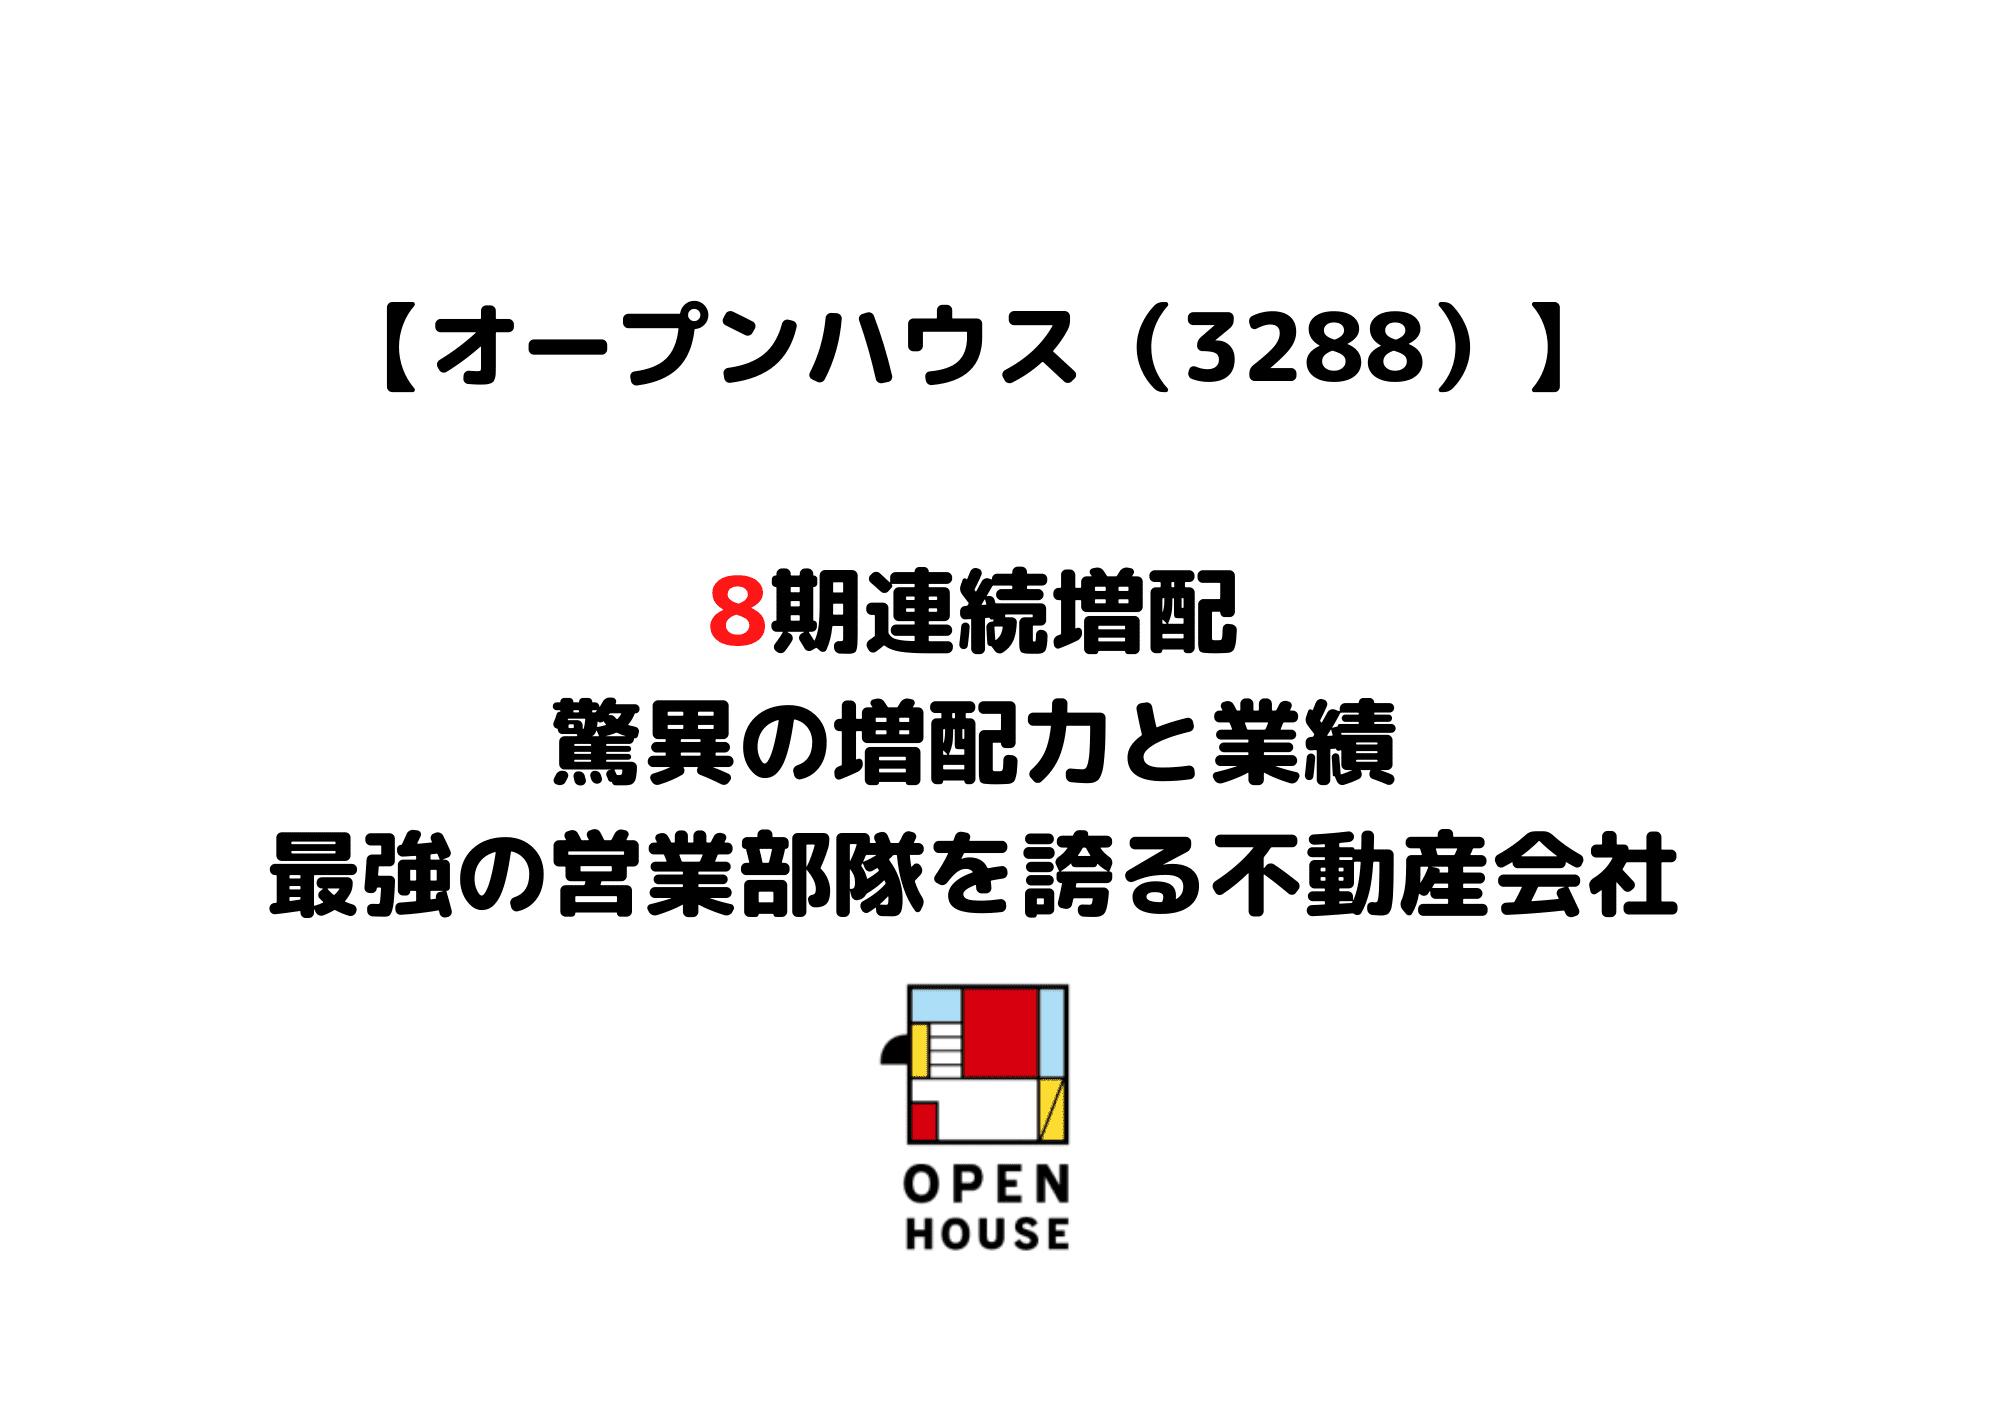 3288 オープンハウス (1)